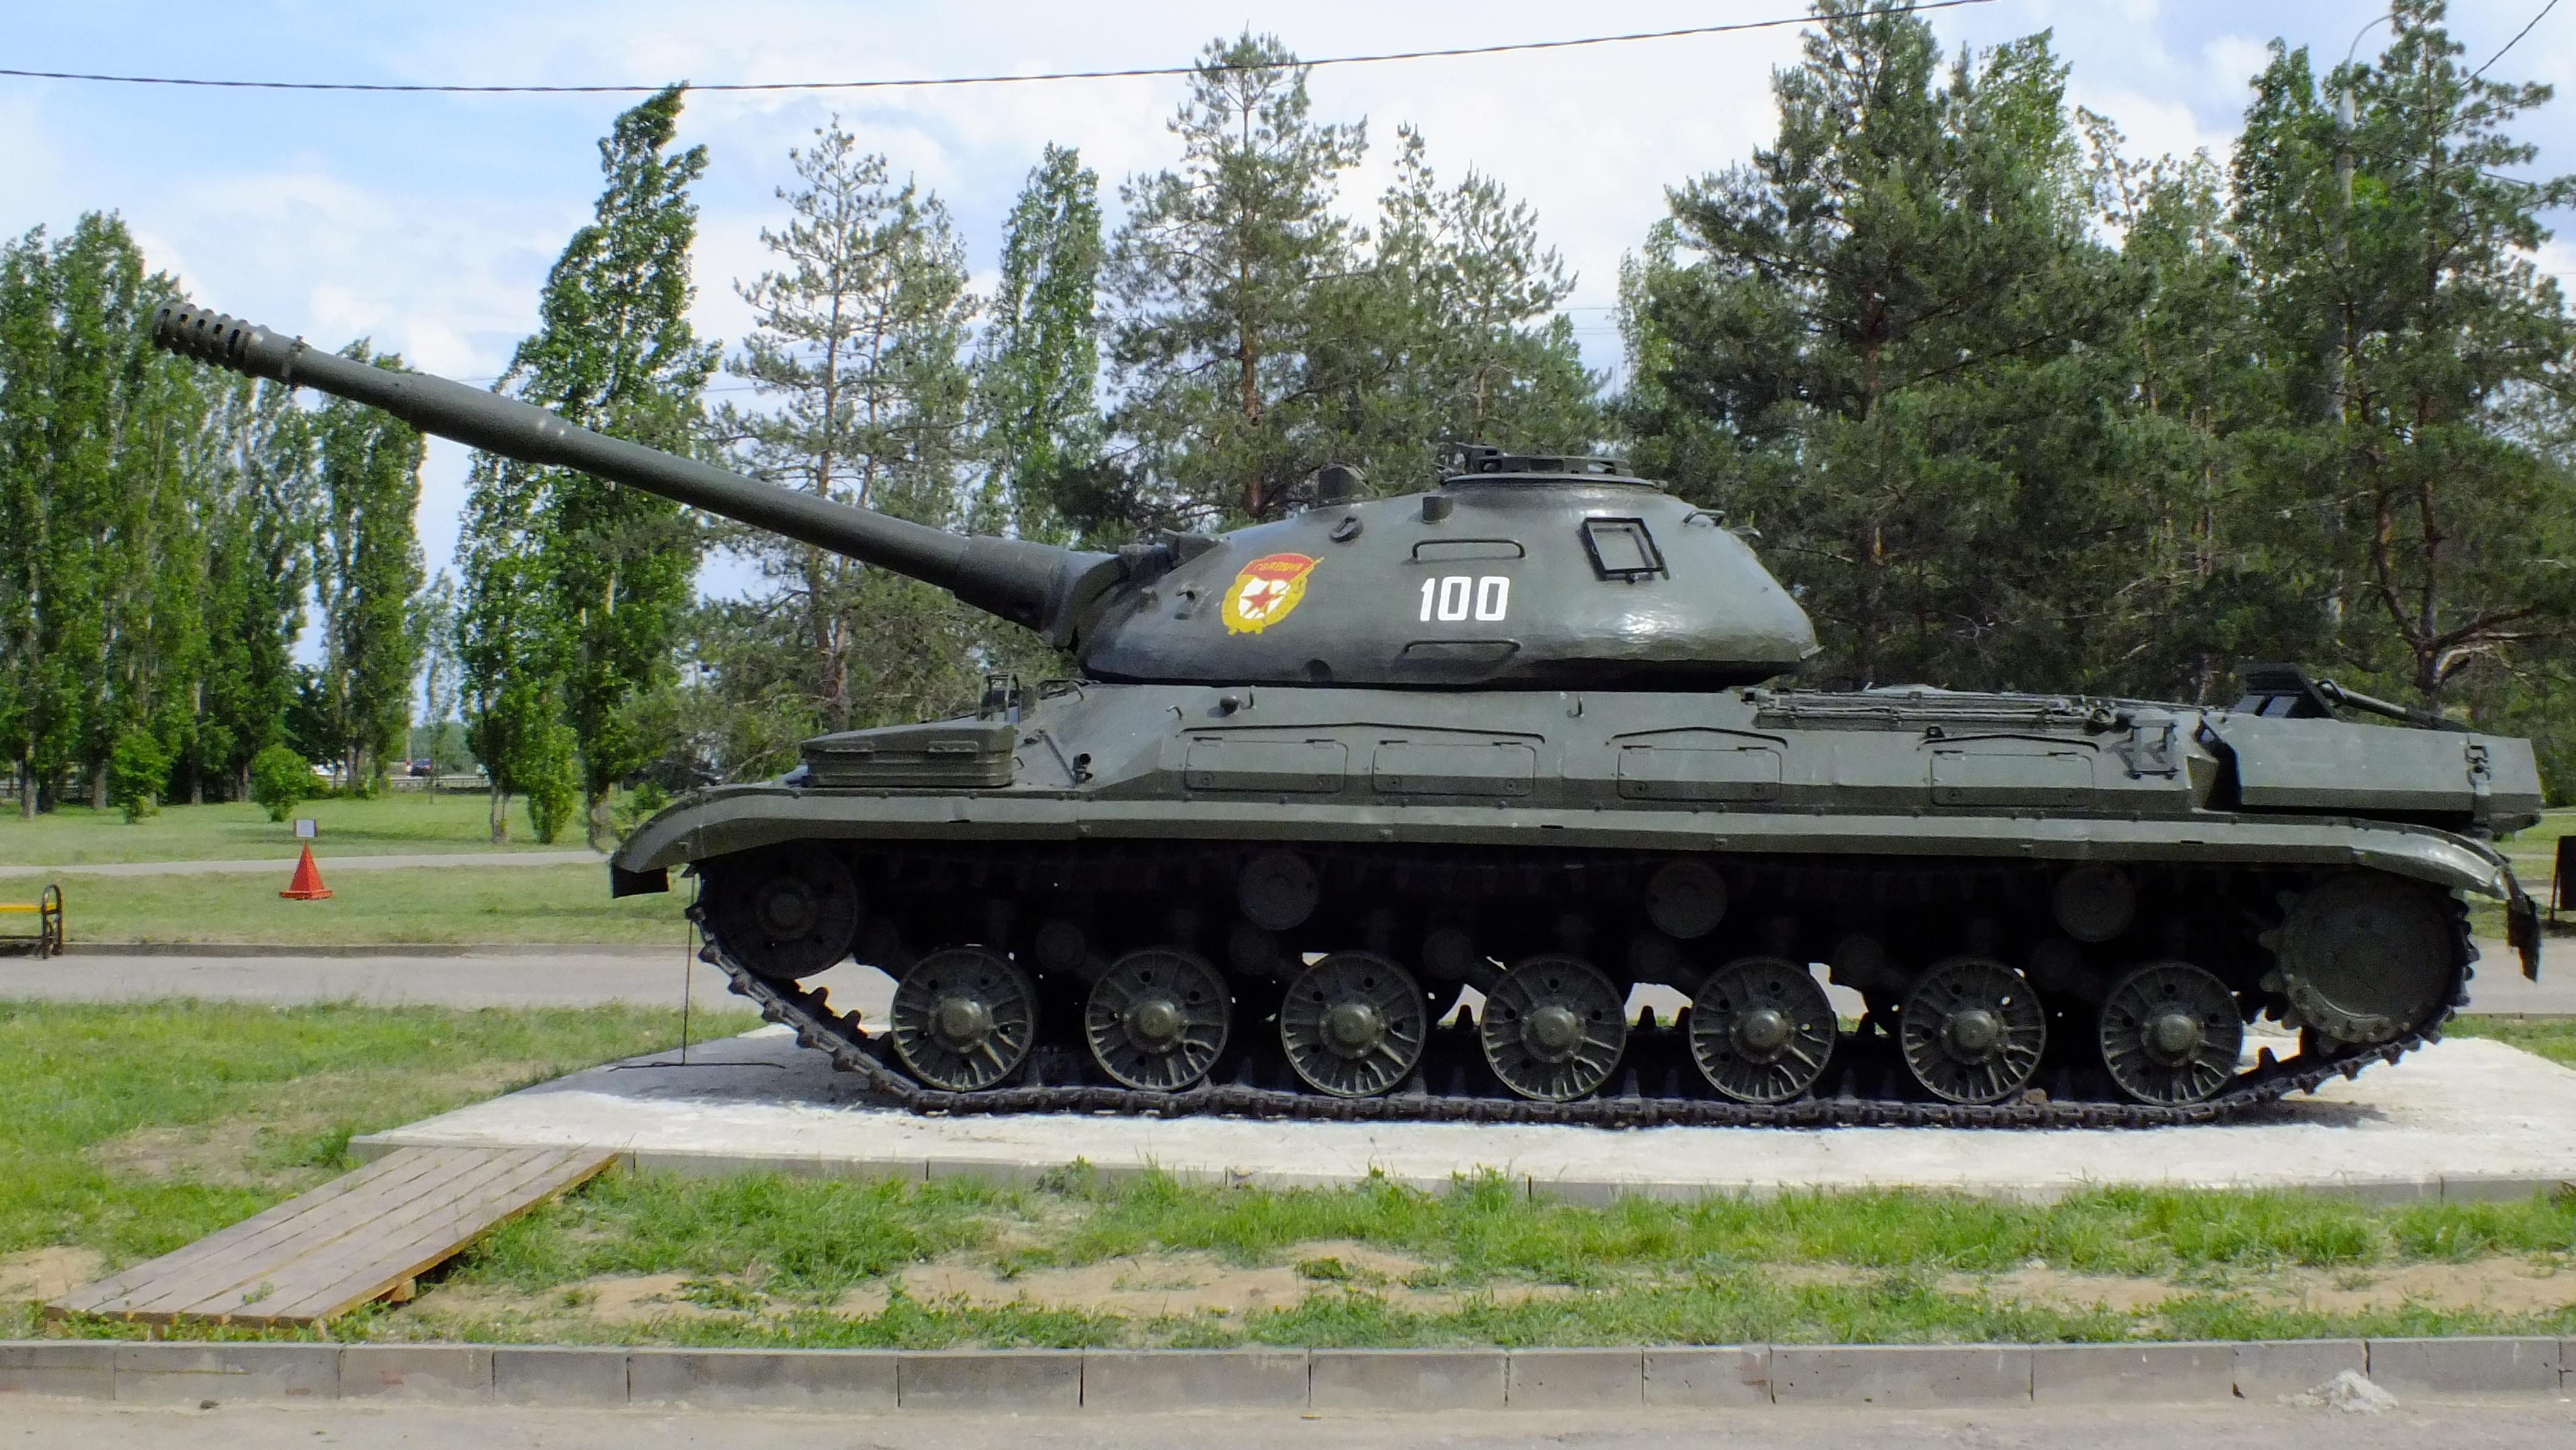 12 июня 2014 года - первое применение российских танков Т-64 и БТРов в войне на Донбассе - Цензор.НЕТ 1256